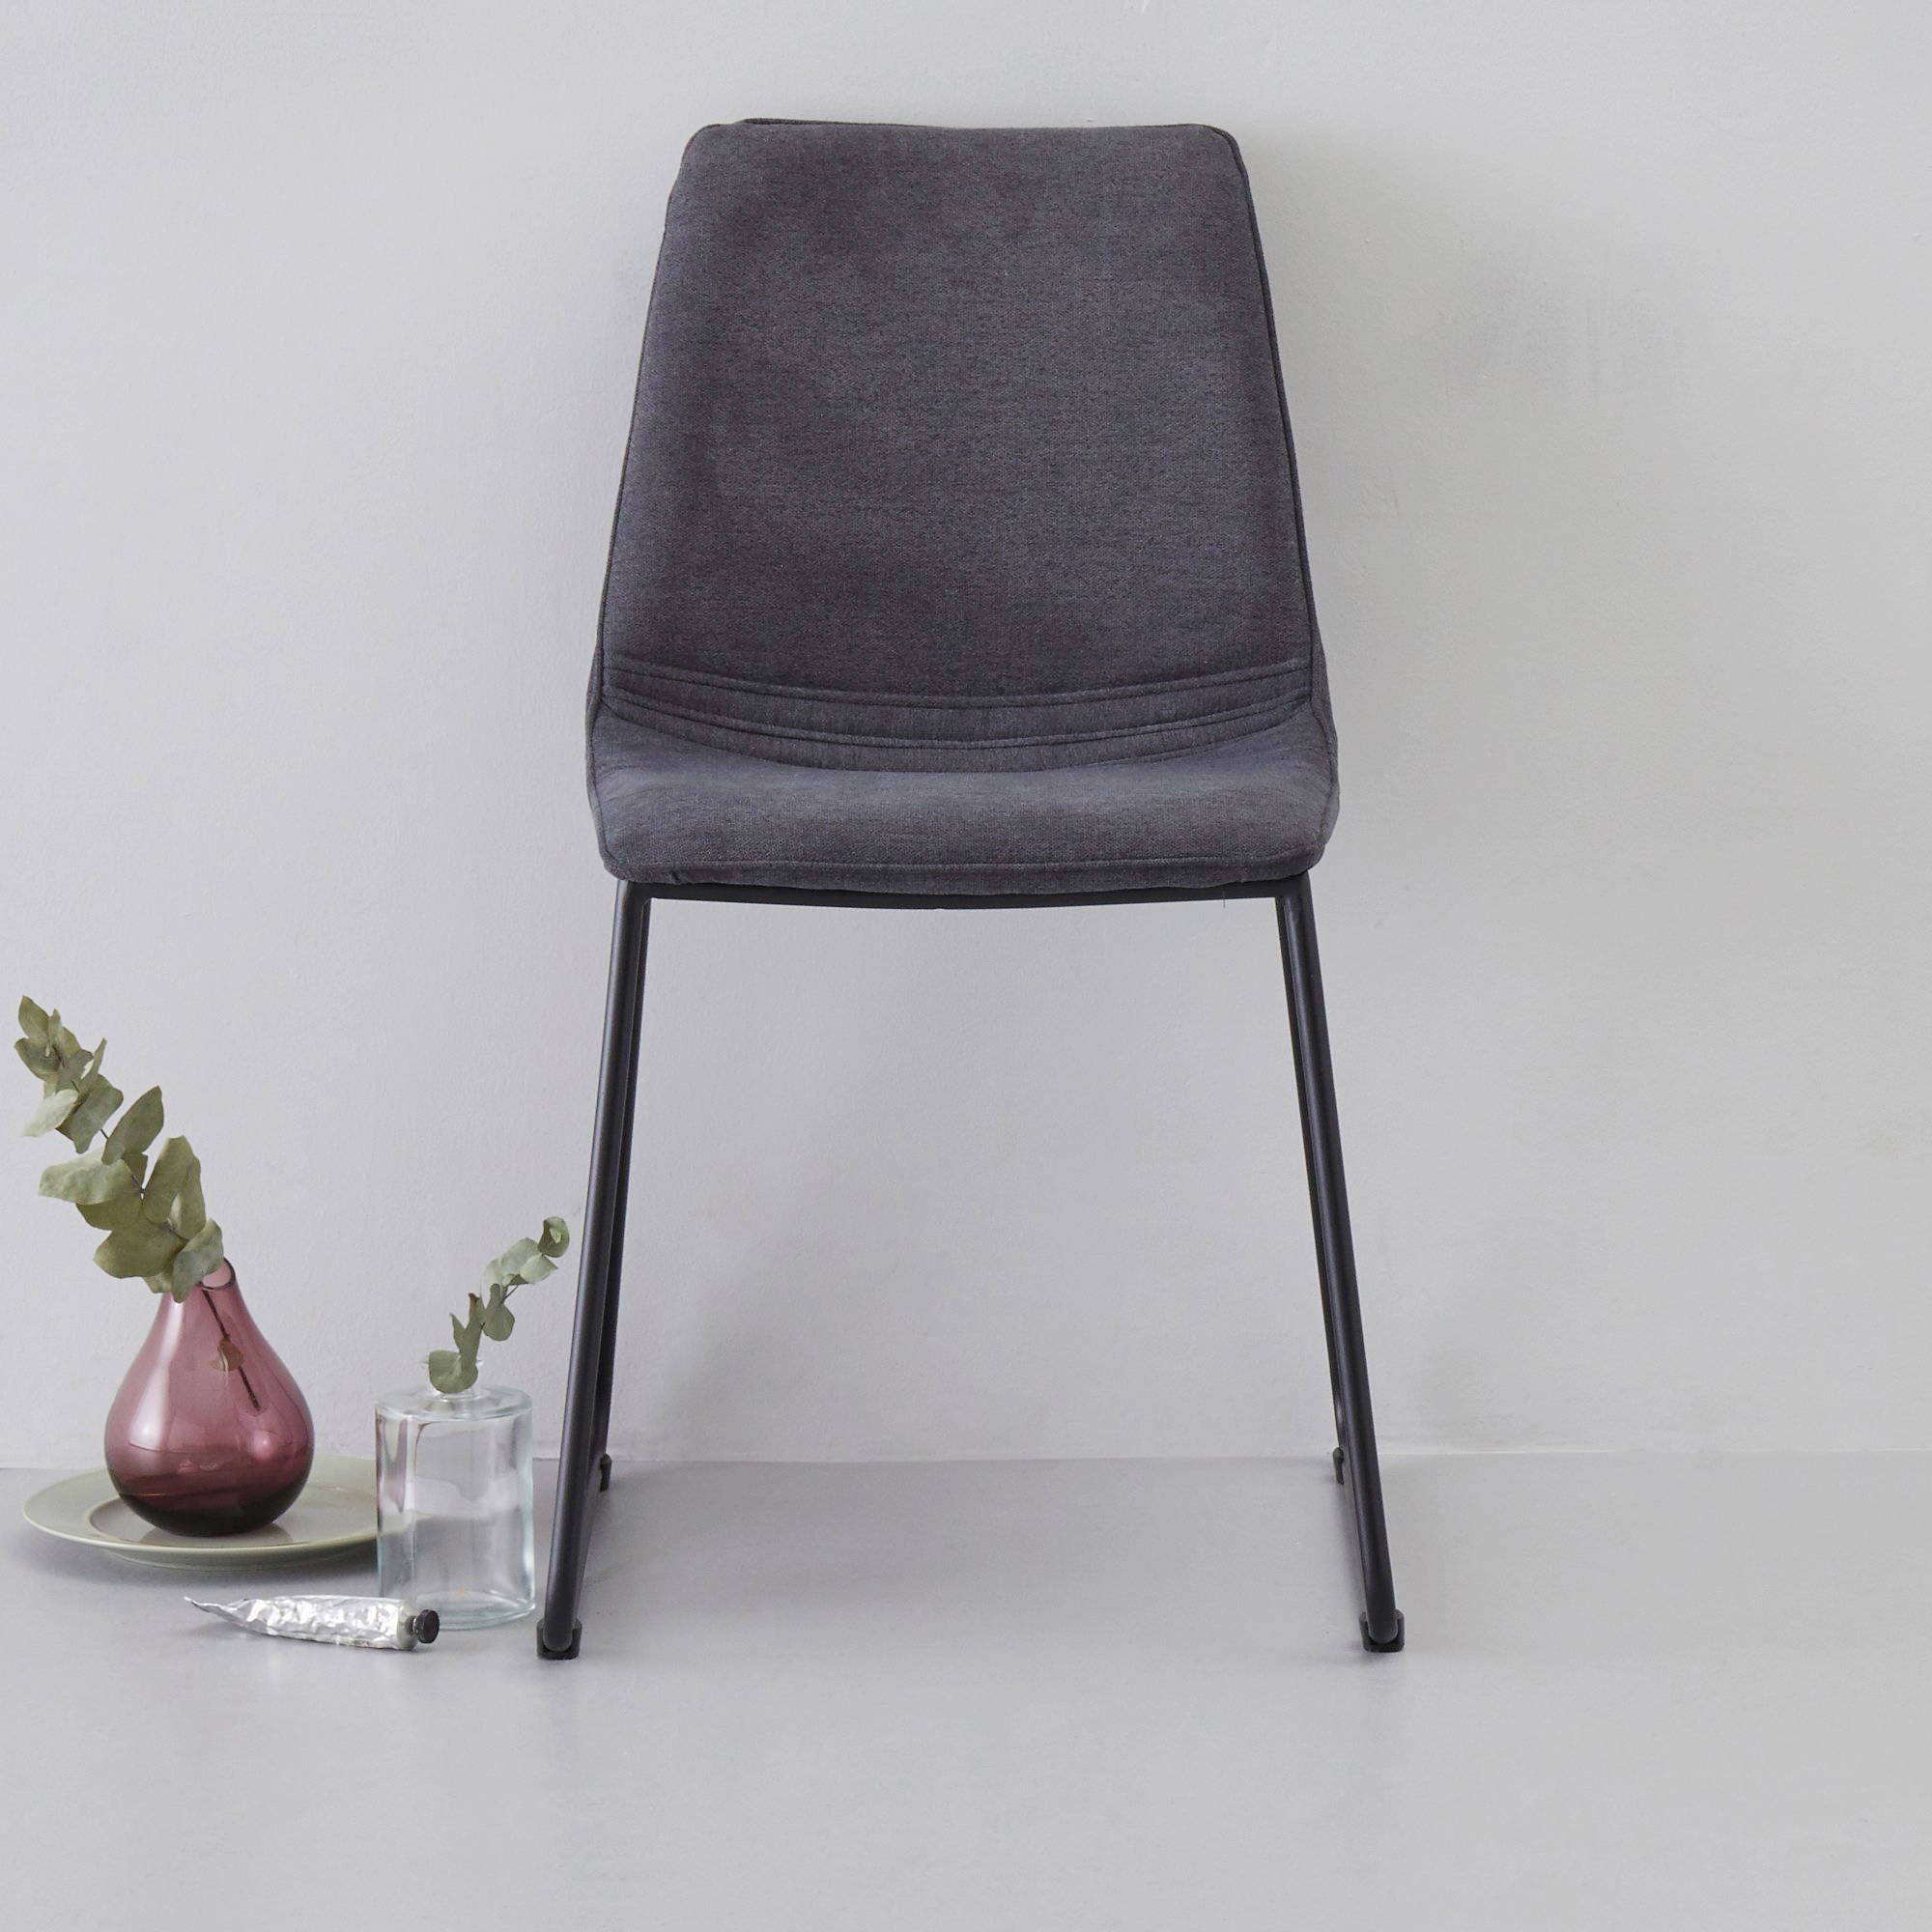 Kussens Voor Eetstoelen.Eetkamerstoelen Bij Wehkamp Gratis Bezorging Vanaf 20